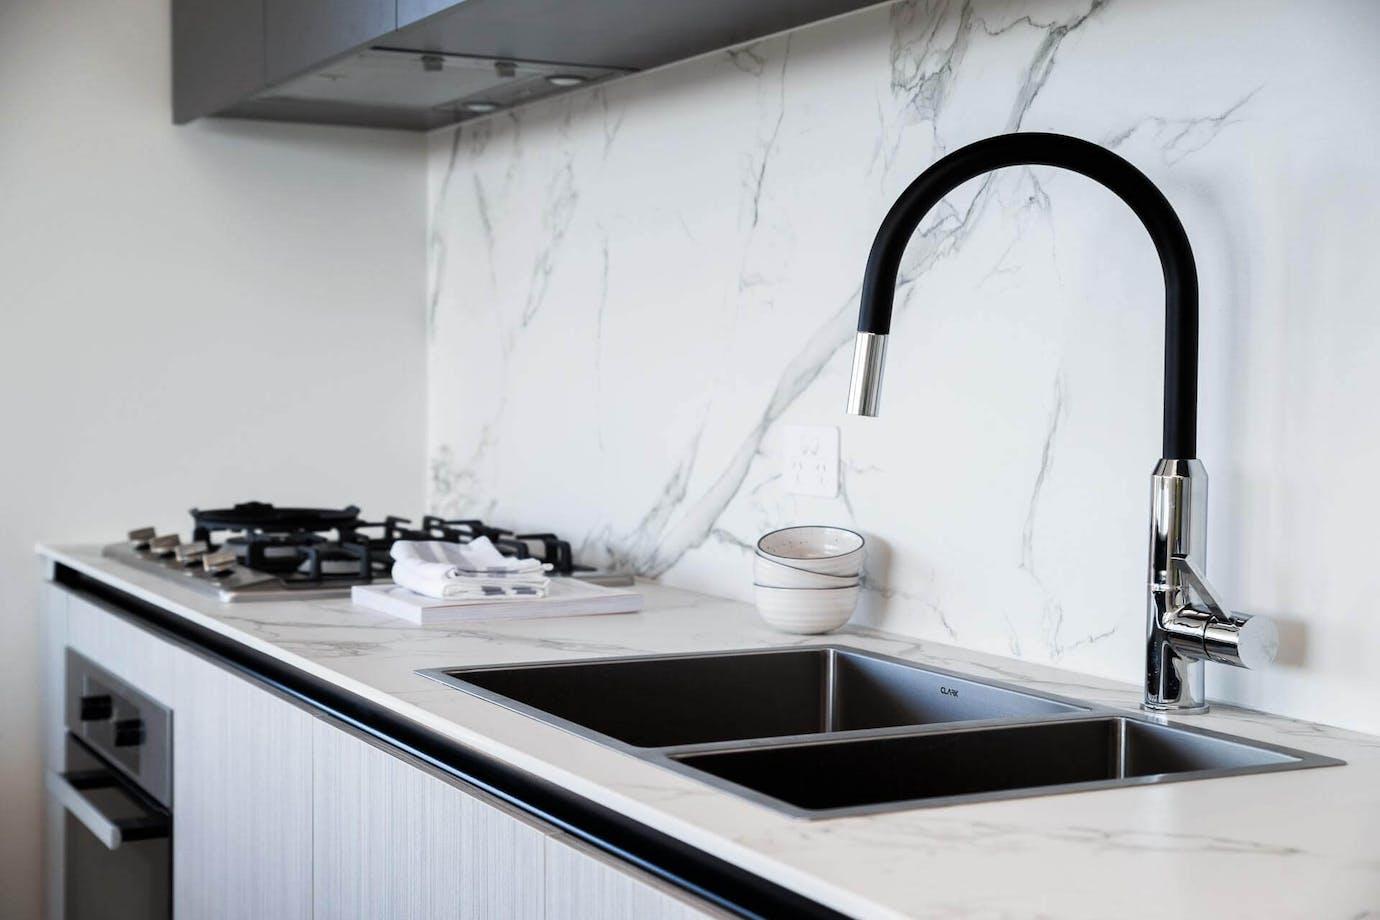 Mármol Carrara blanco con grifería negra